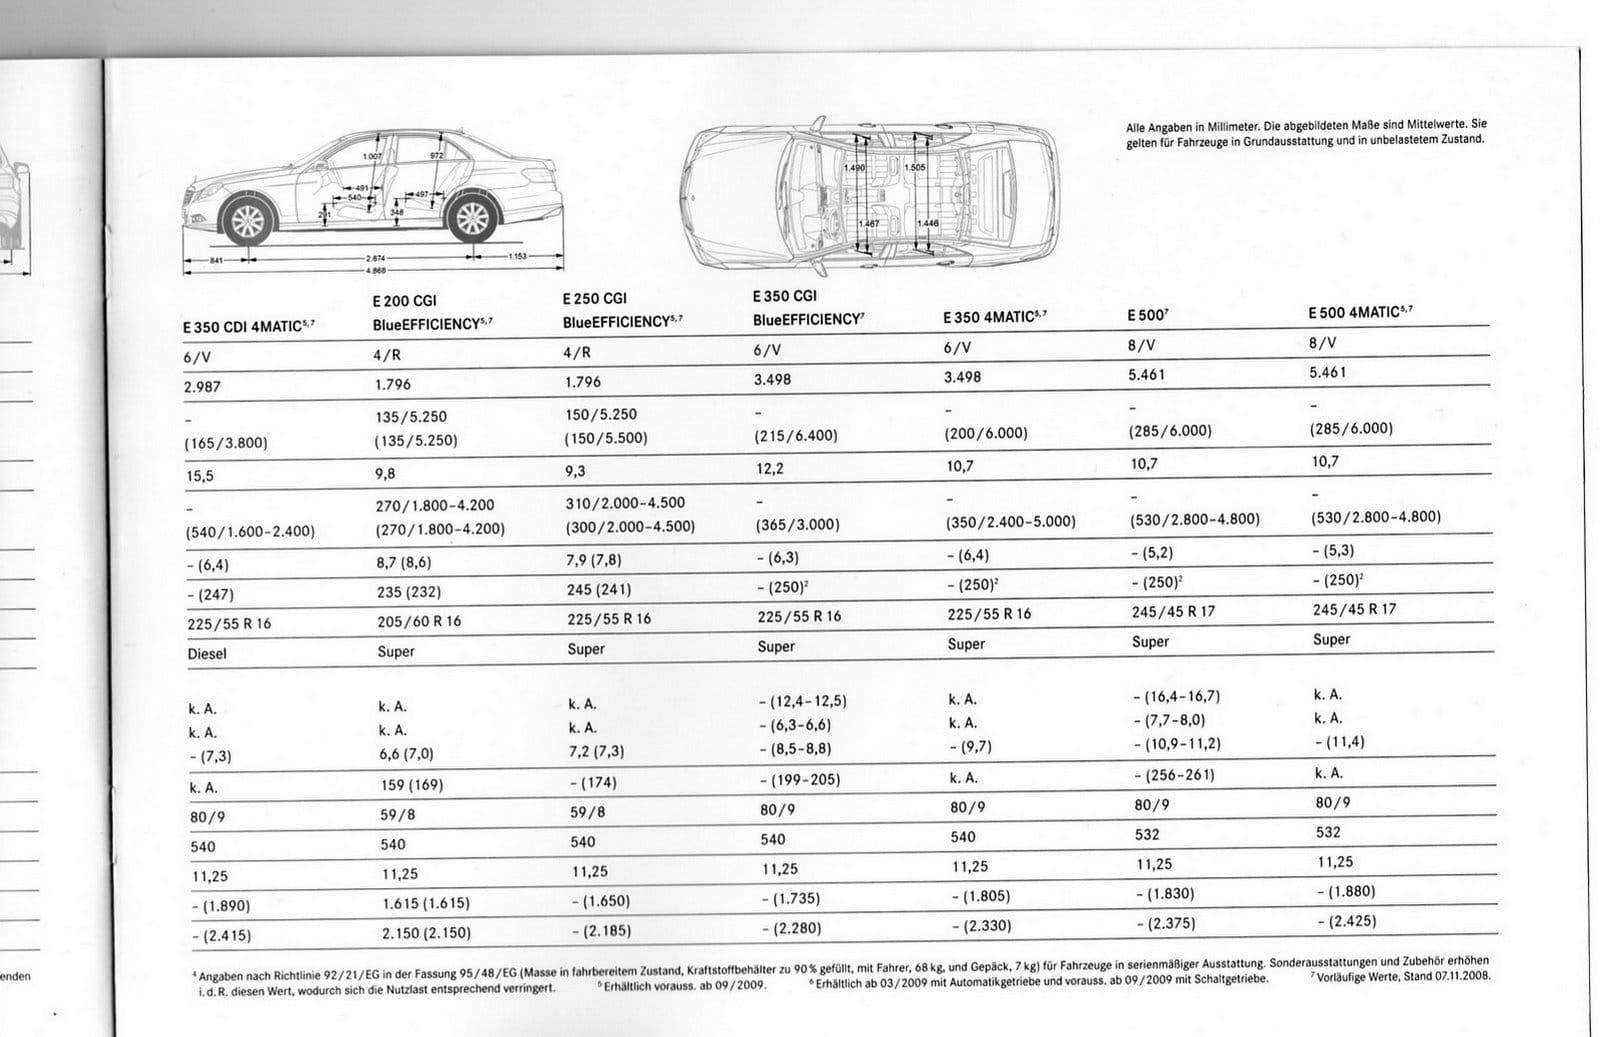 Mercedes Clase E Imagenes Y Datos Del Folleto